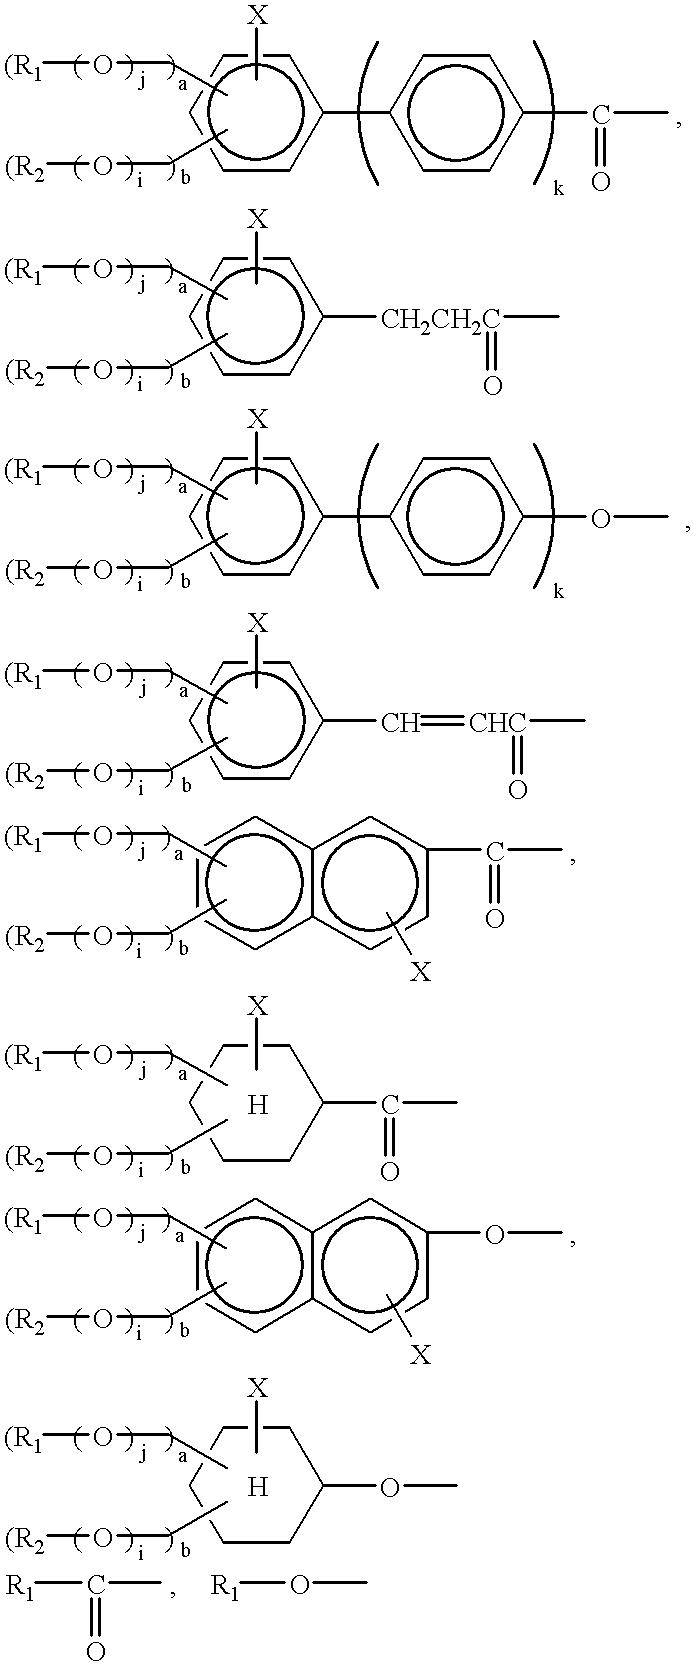 Figure US06261649-20010717-C00001